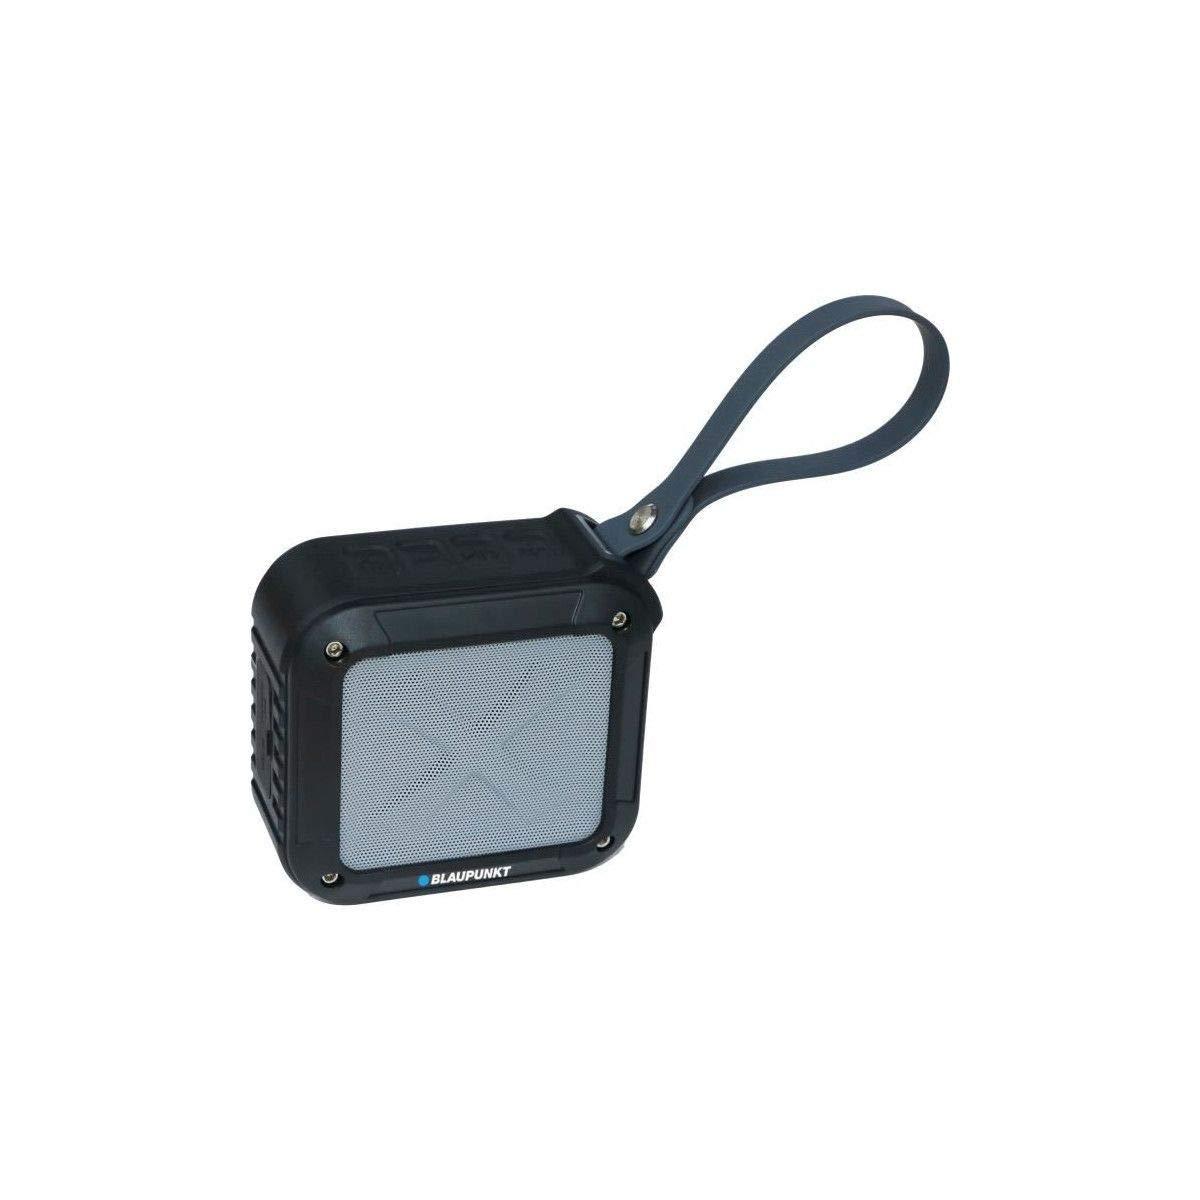 BLAUPUNKT BLP6000 Enceinte Bluetooth Anti-choc et étanche 3W Noire